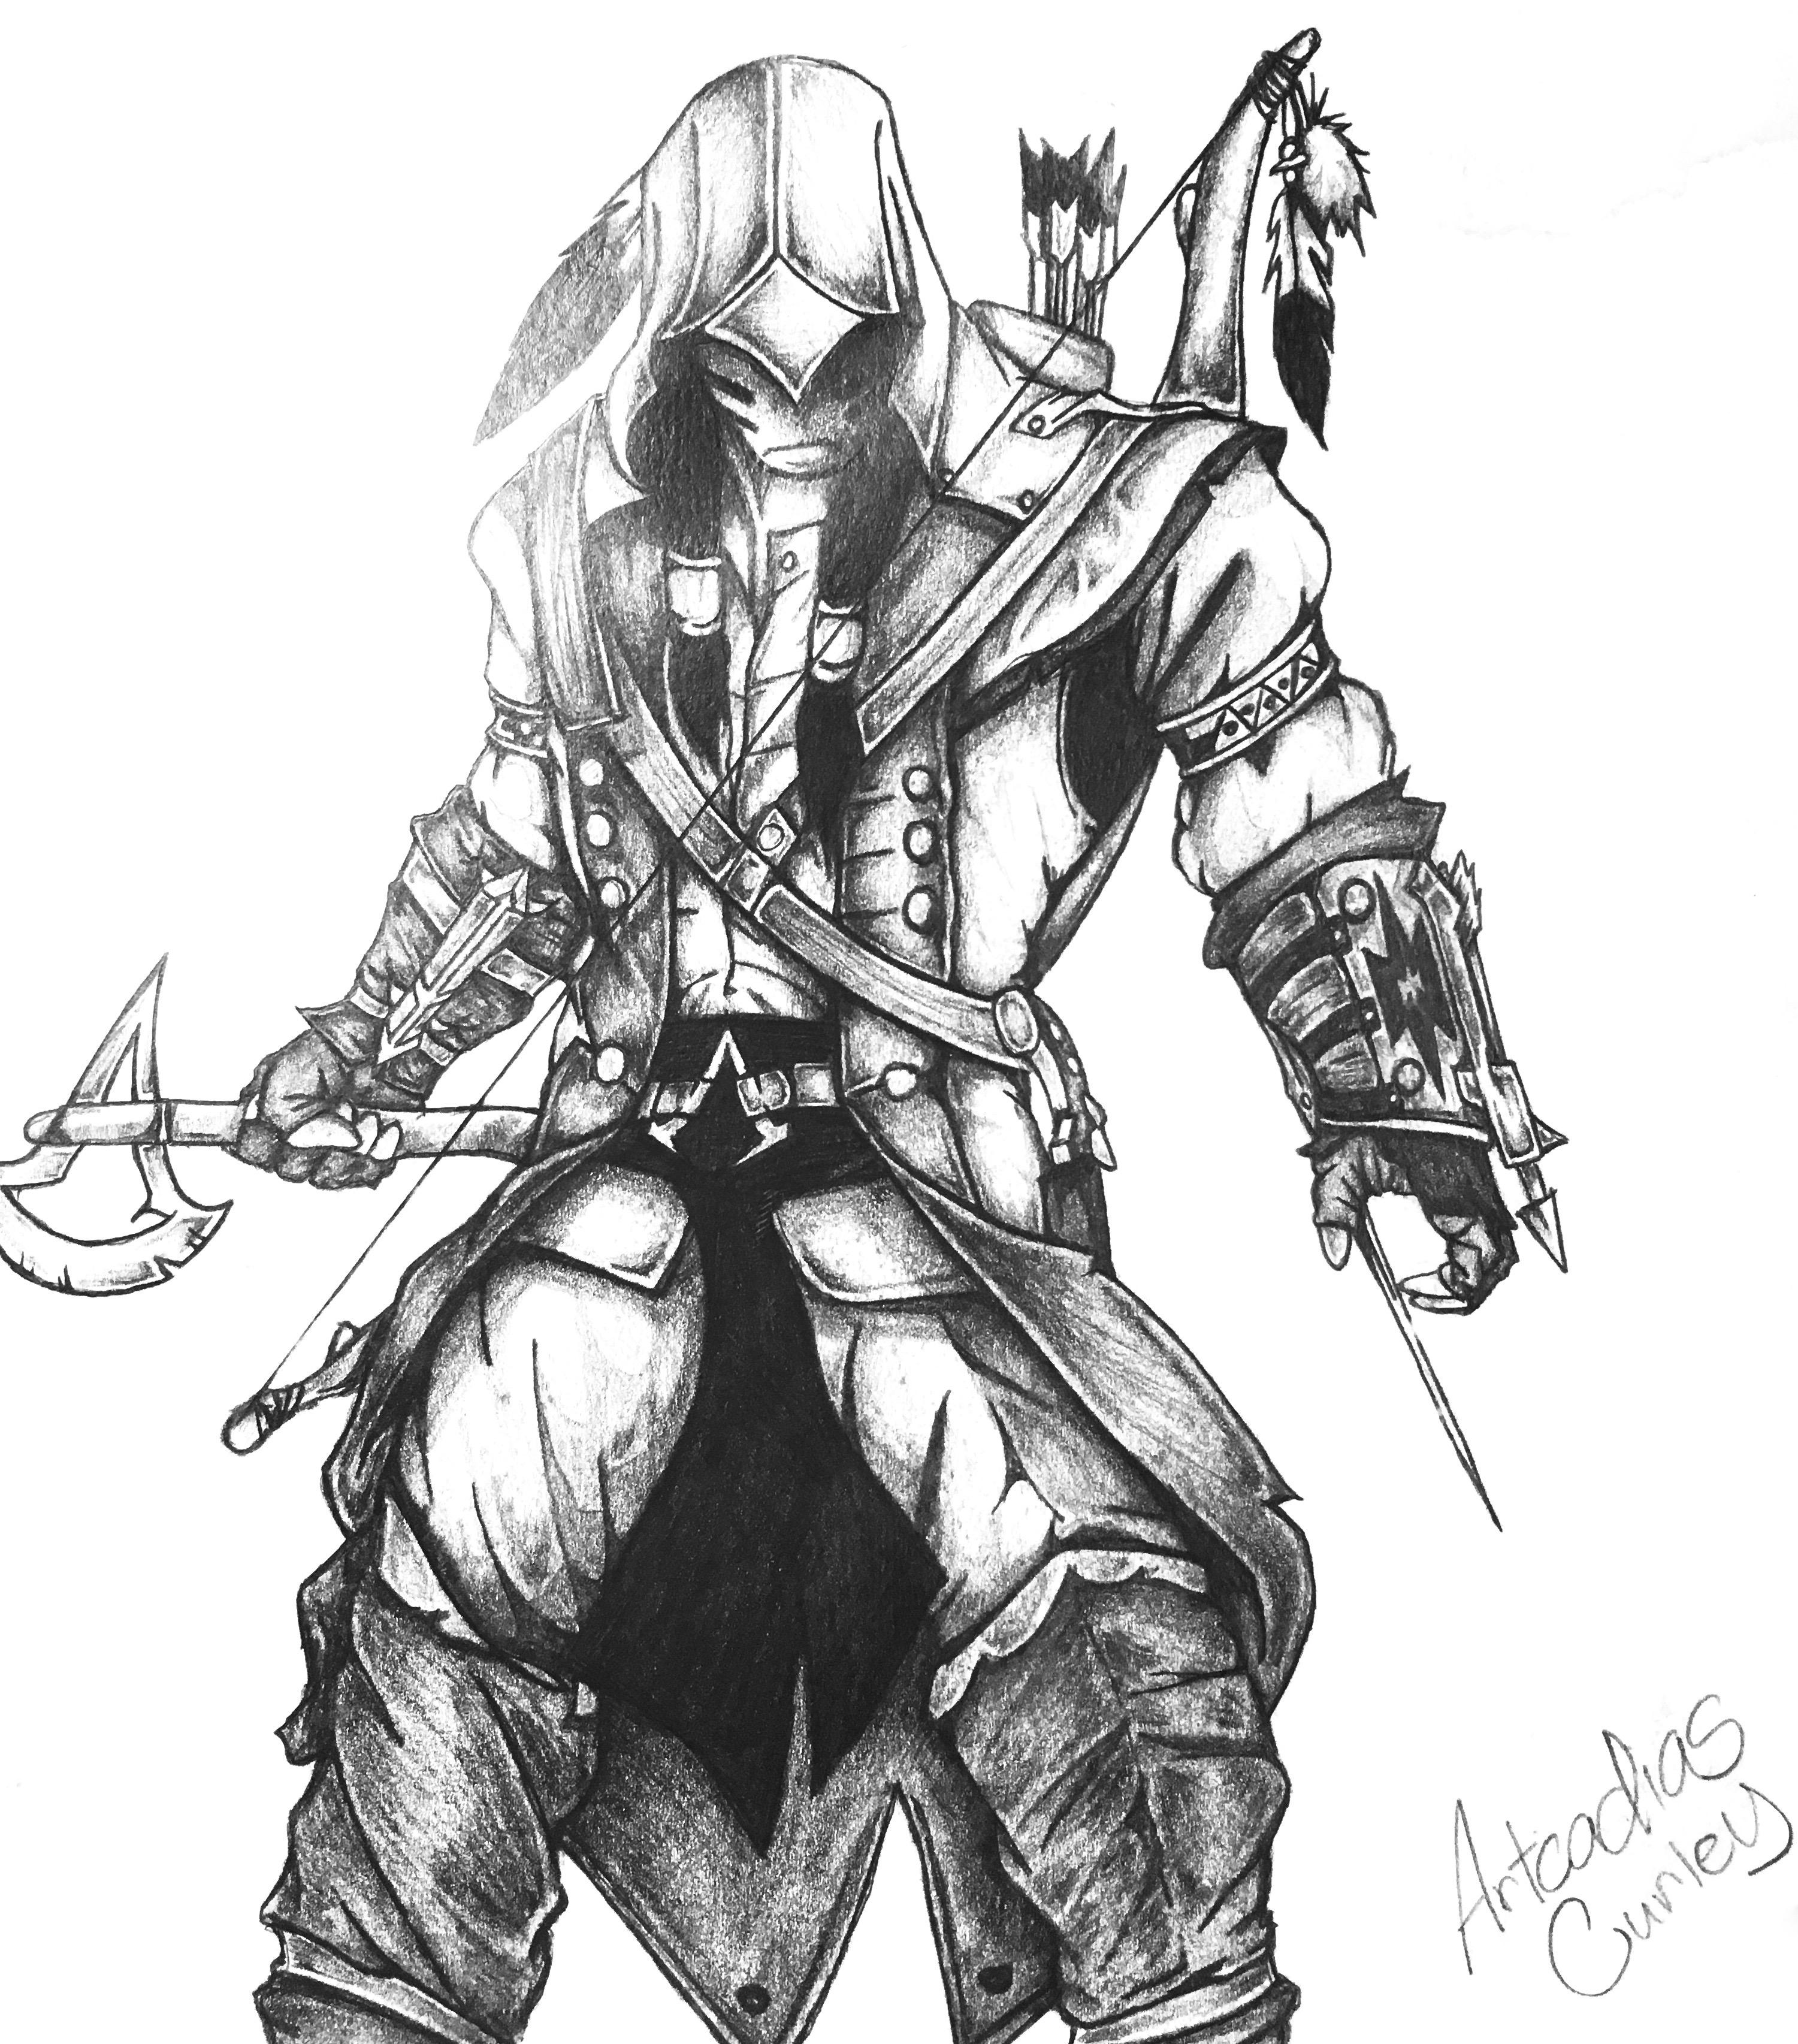 Warrior Art Sketch by Artcadius Curley 01